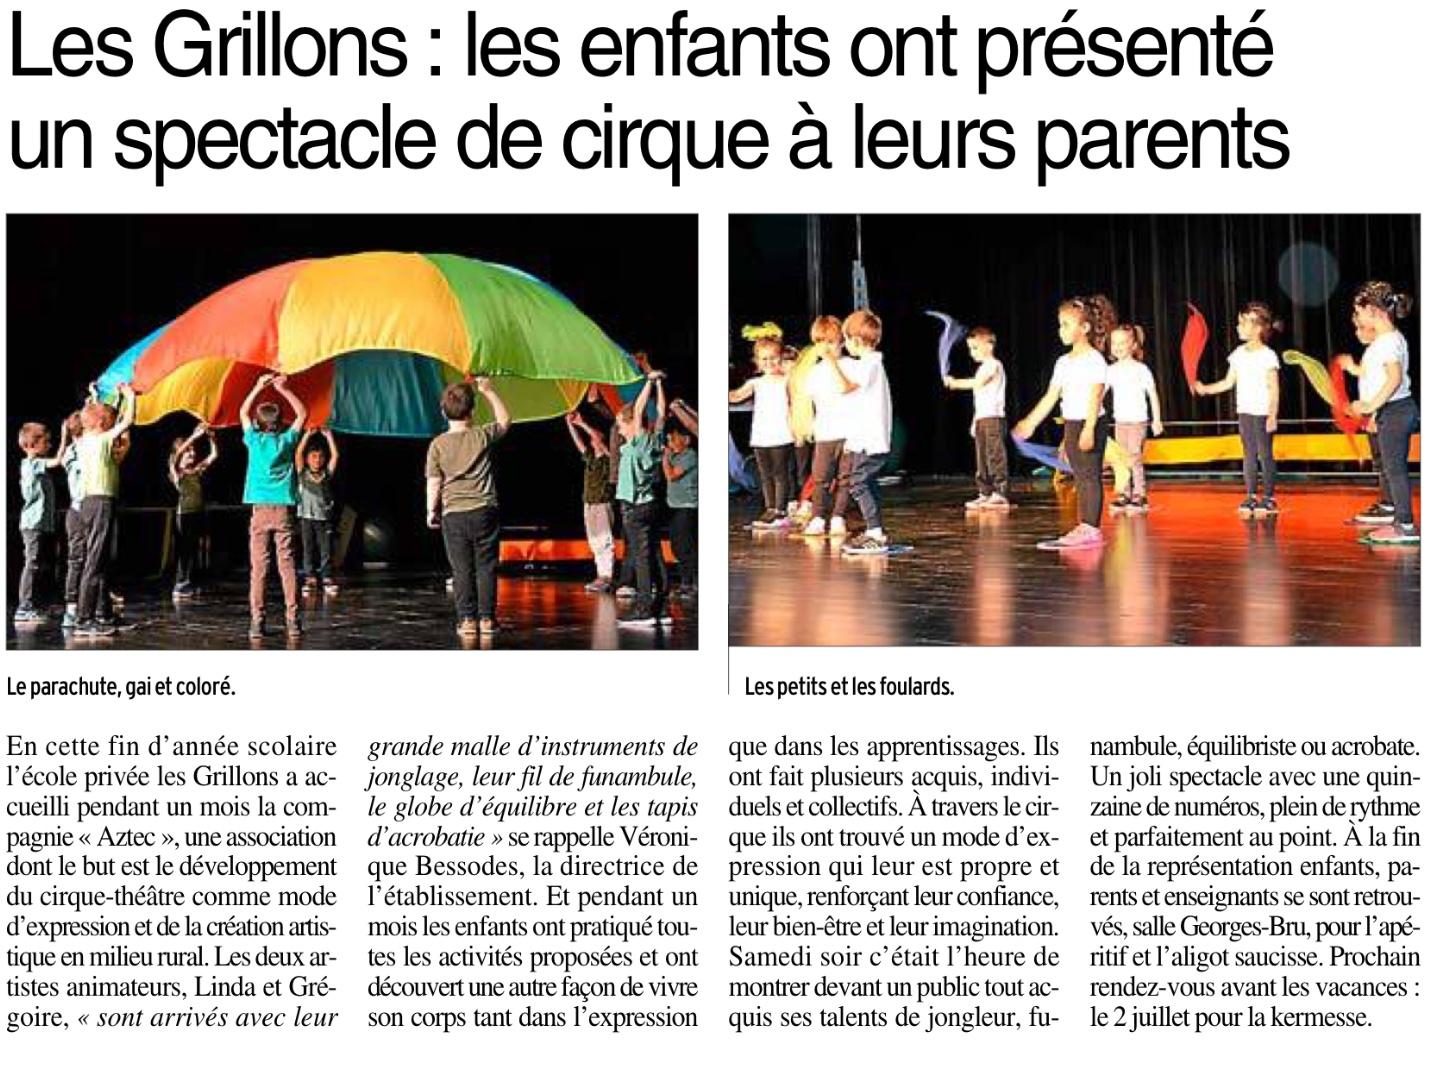 Olemps – Ecole Les Grillons